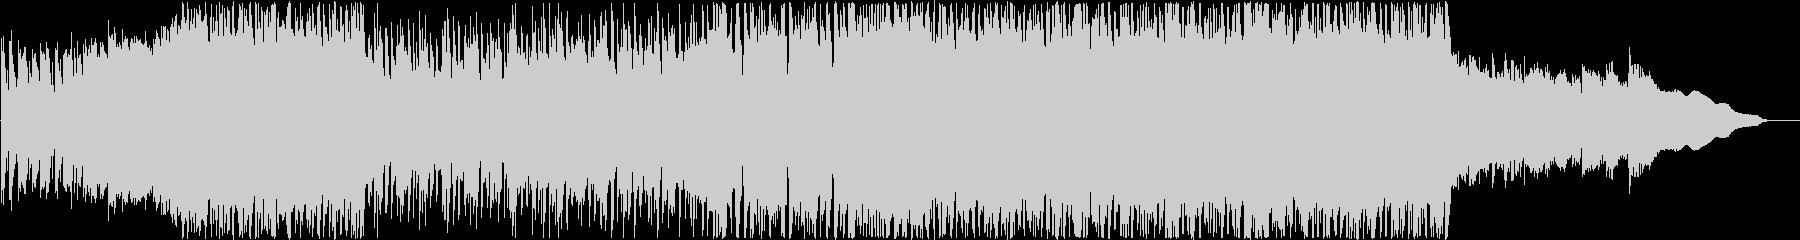 ミドルテンポのシンプルで少し荒っぽいU…の未再生の波形